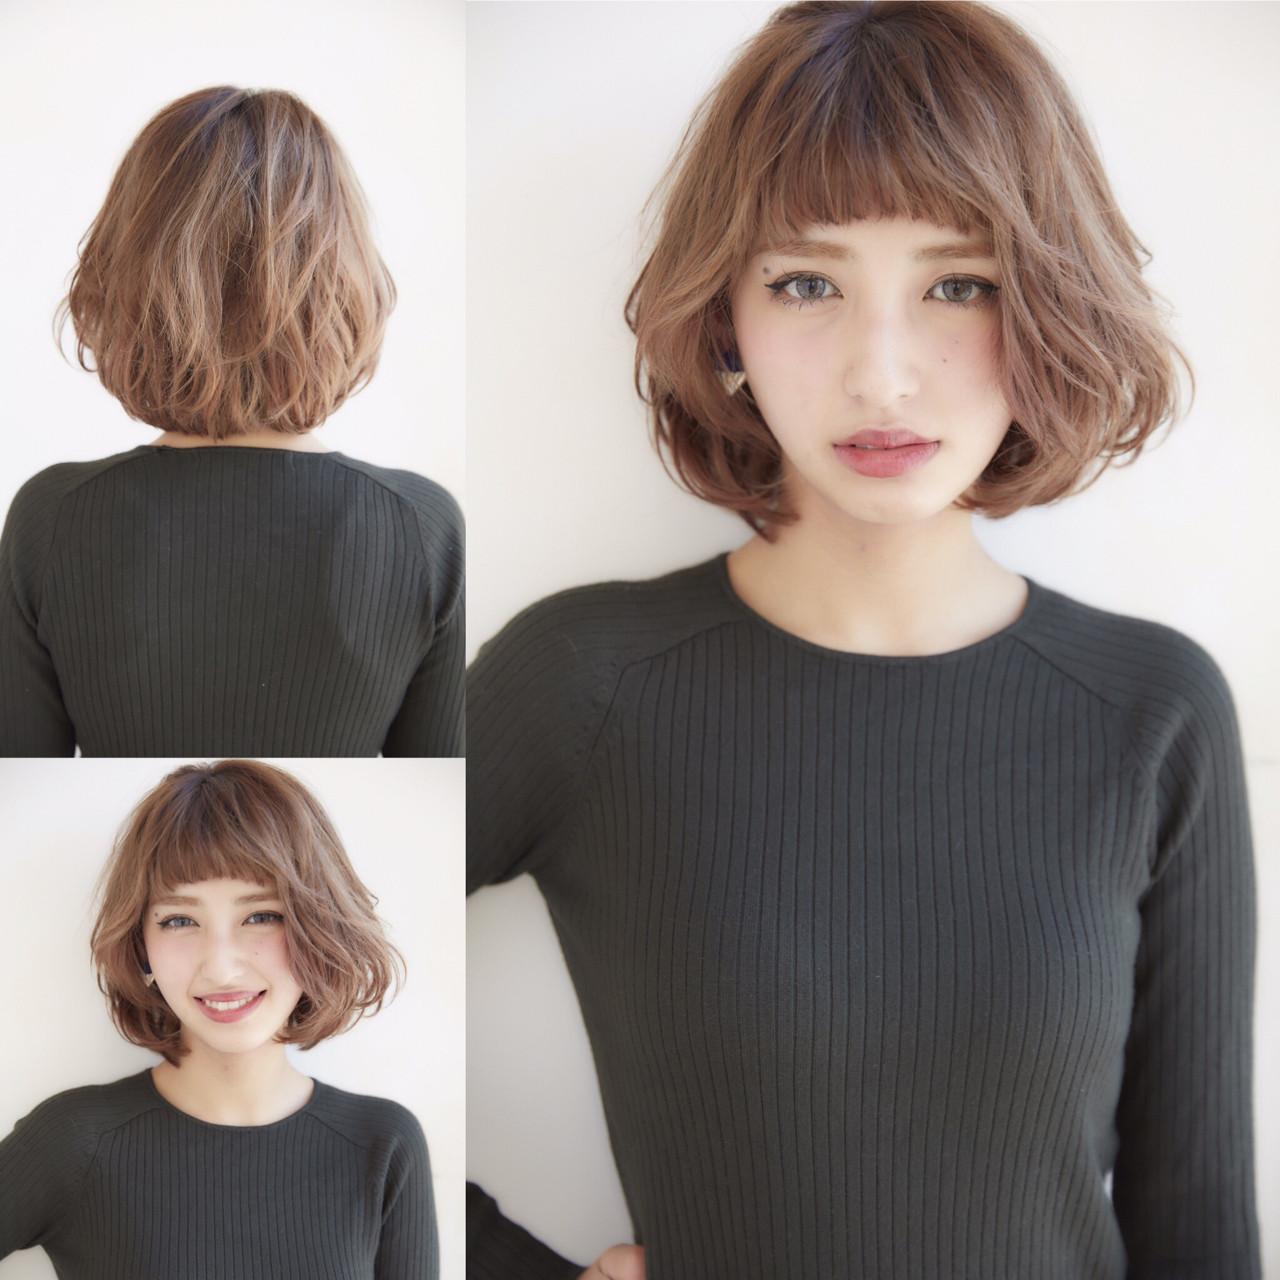 愛され女子のヘアスタイル♡みんなが選んだボブヘアTOP10! 伊藤塁 / ZACC Ao